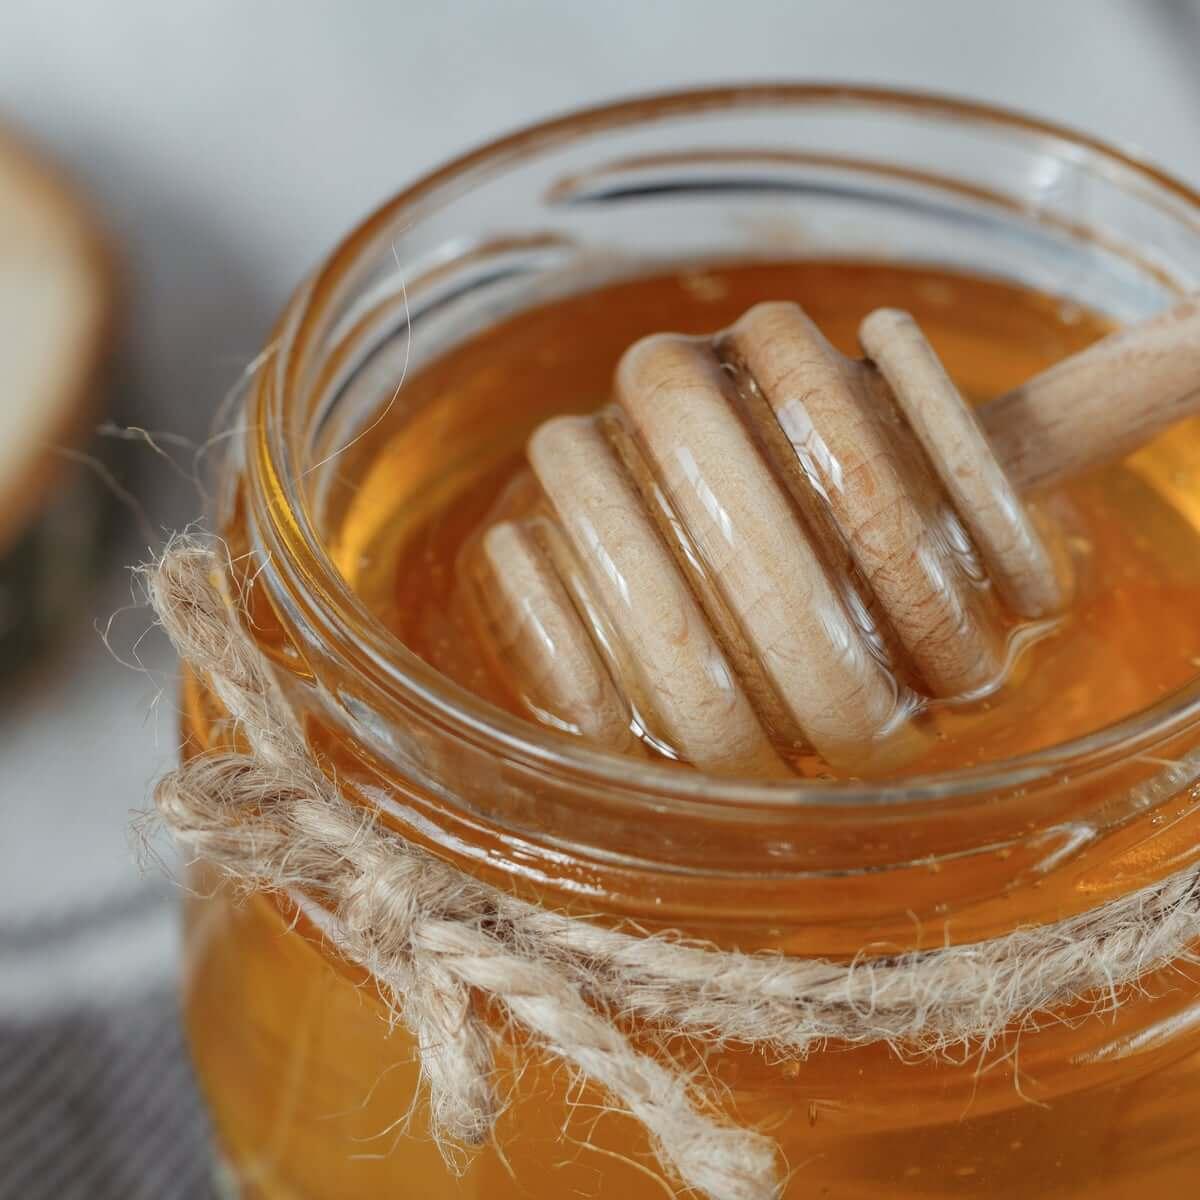 به جای استفاده از قرص و دارو از خوراکیهای طبیعی همچون عسل استفاده کنید.